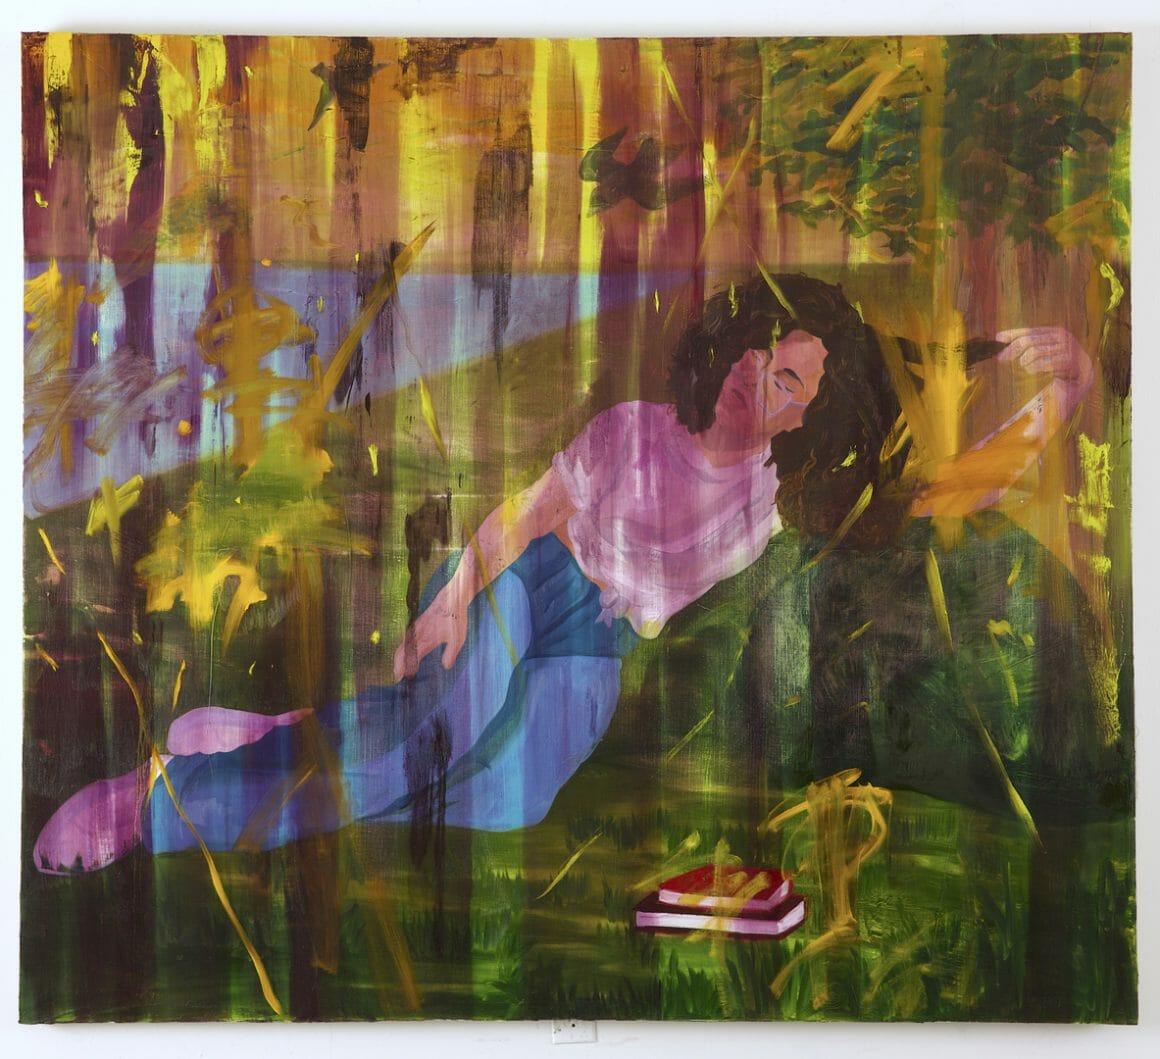 Jeune femme noire, allongée dans l'herbe verte, près d'un cours d'eau bleu. Effets de lumière et de texture développé plus tardivement par Chambers comme pour protéger ses personnages du regard.